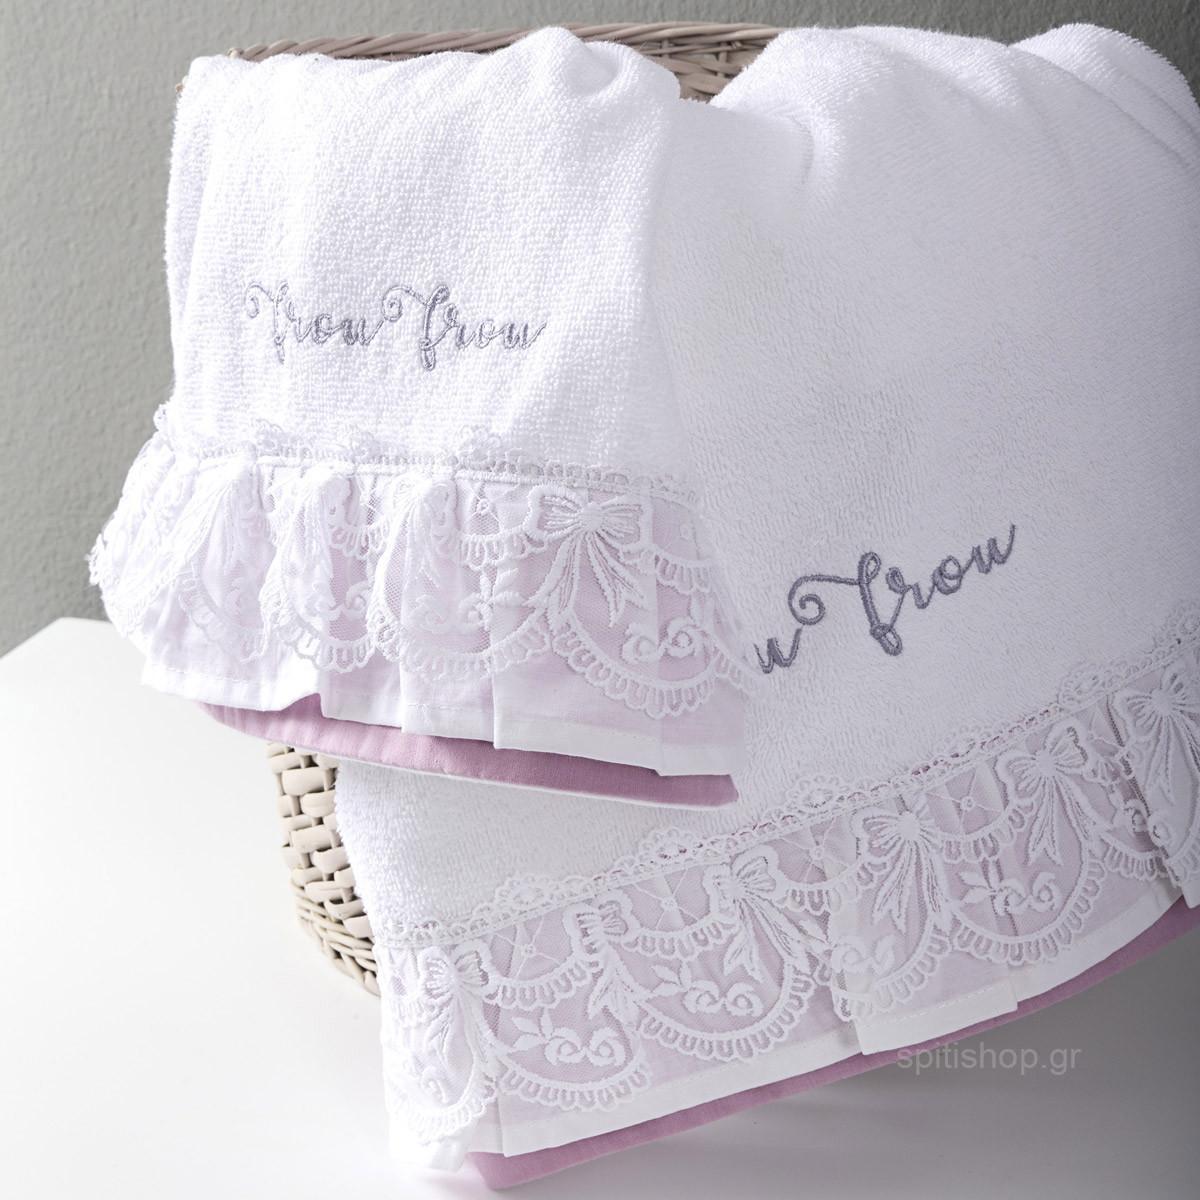 Βρεφικές Πετσέτες (Σετ 2τμχ) Nima Baby Frou Frou